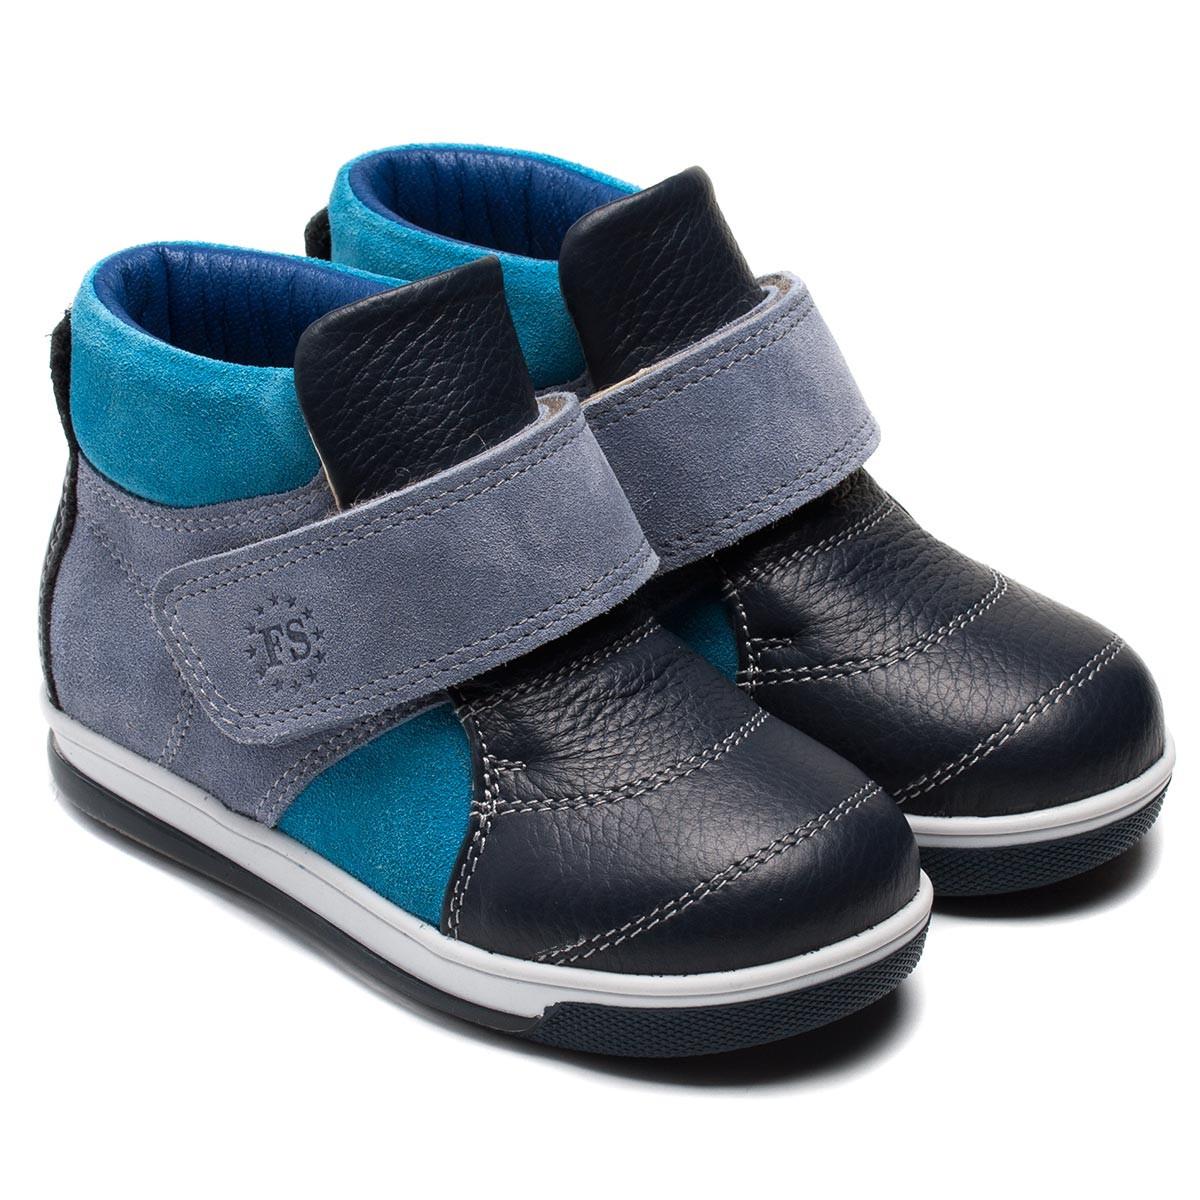 Демисезонные ботинки FS Сollection для мальчика, размер 20-30